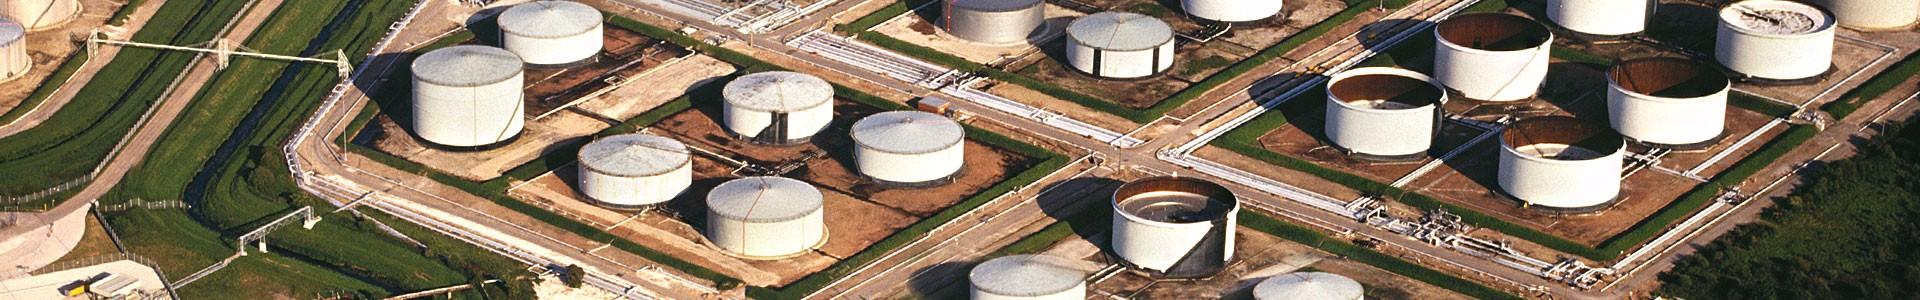 oilgas3-1920×300